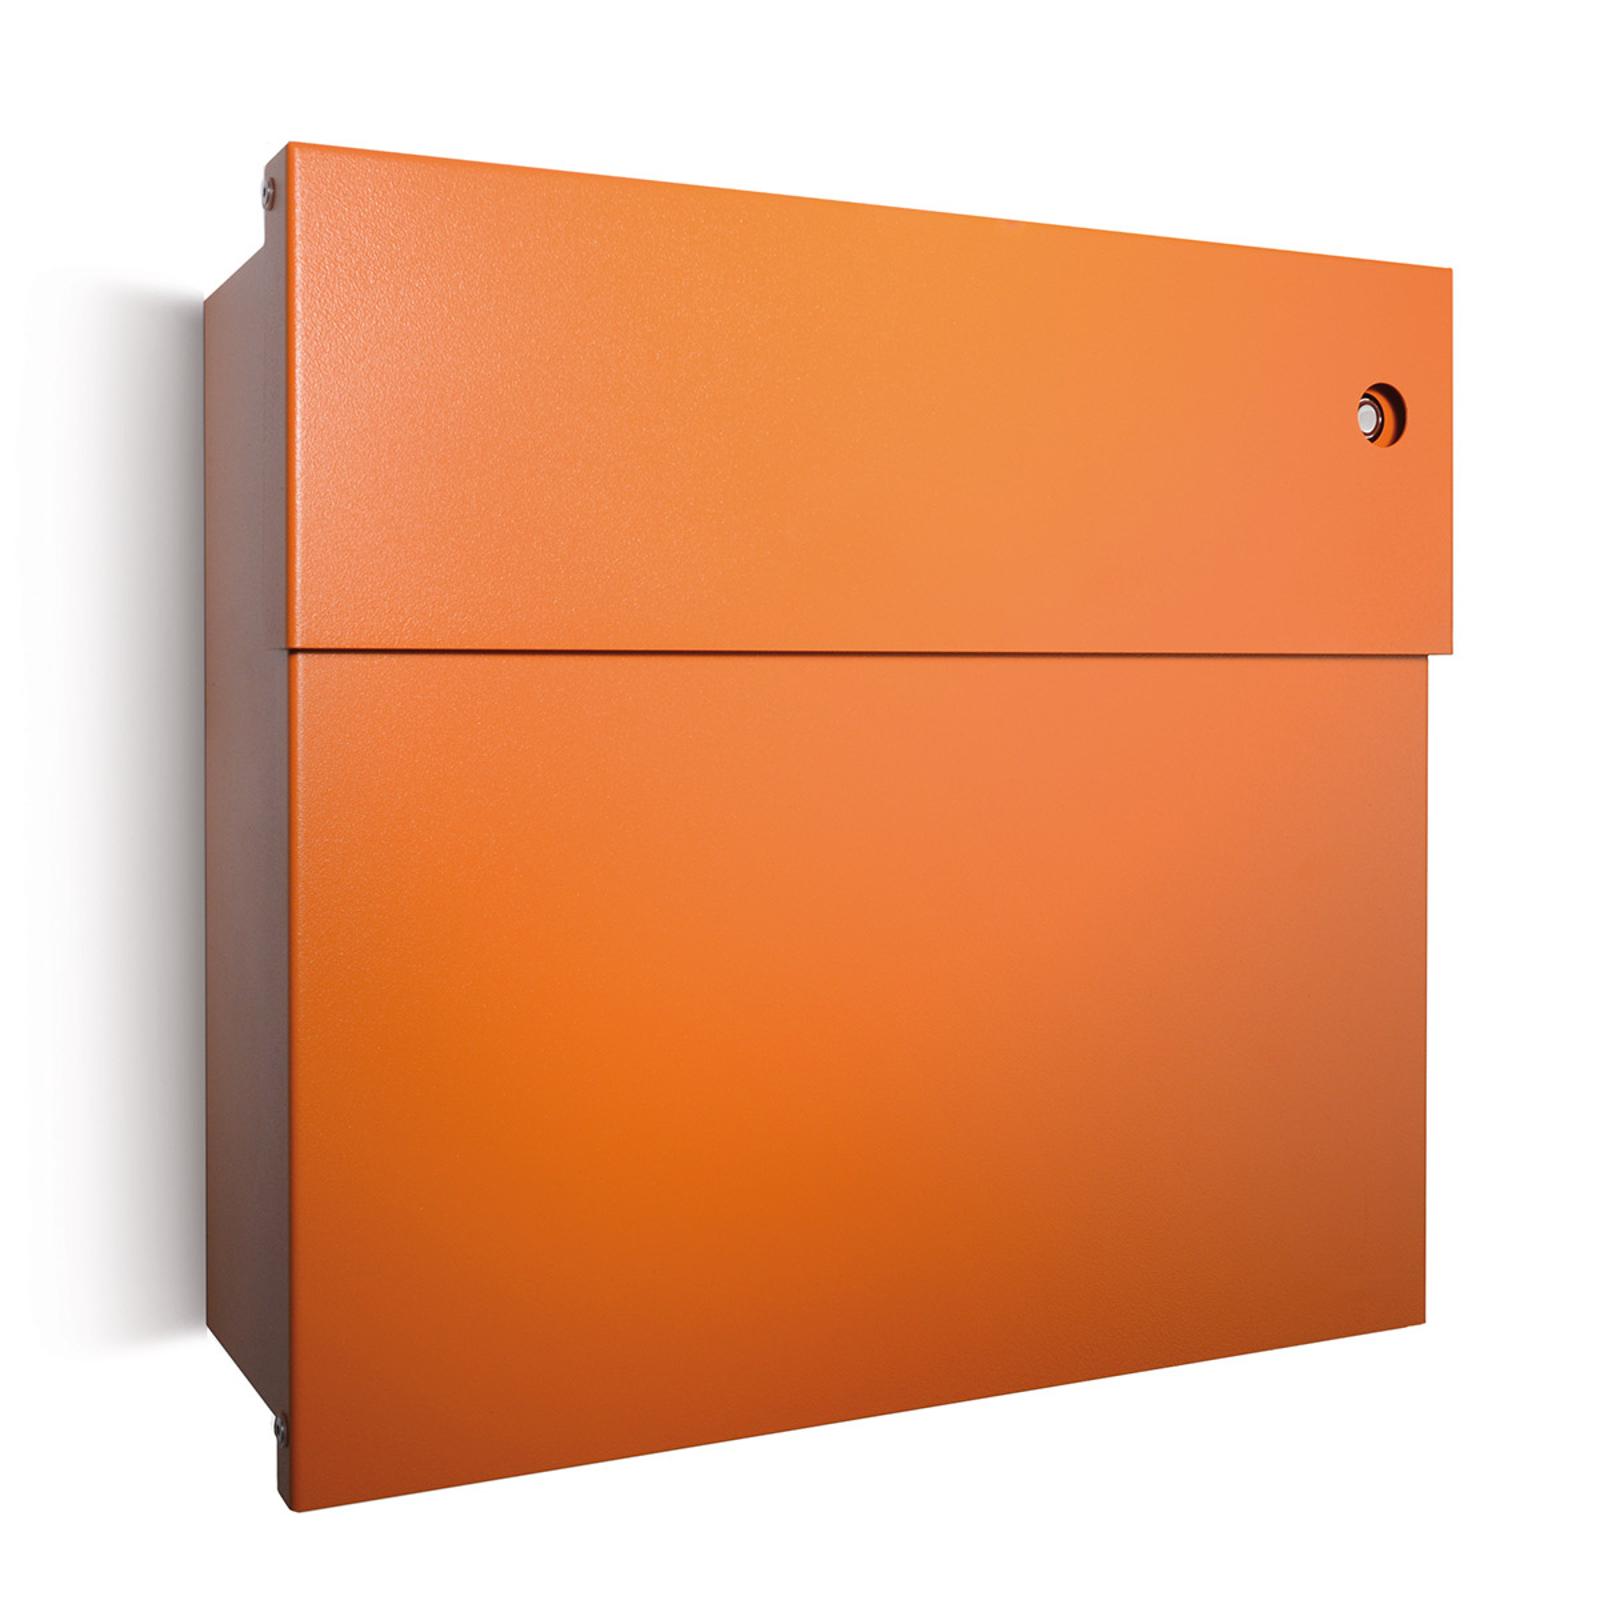 Buzón Letterman IV, timbre rojo, naranja